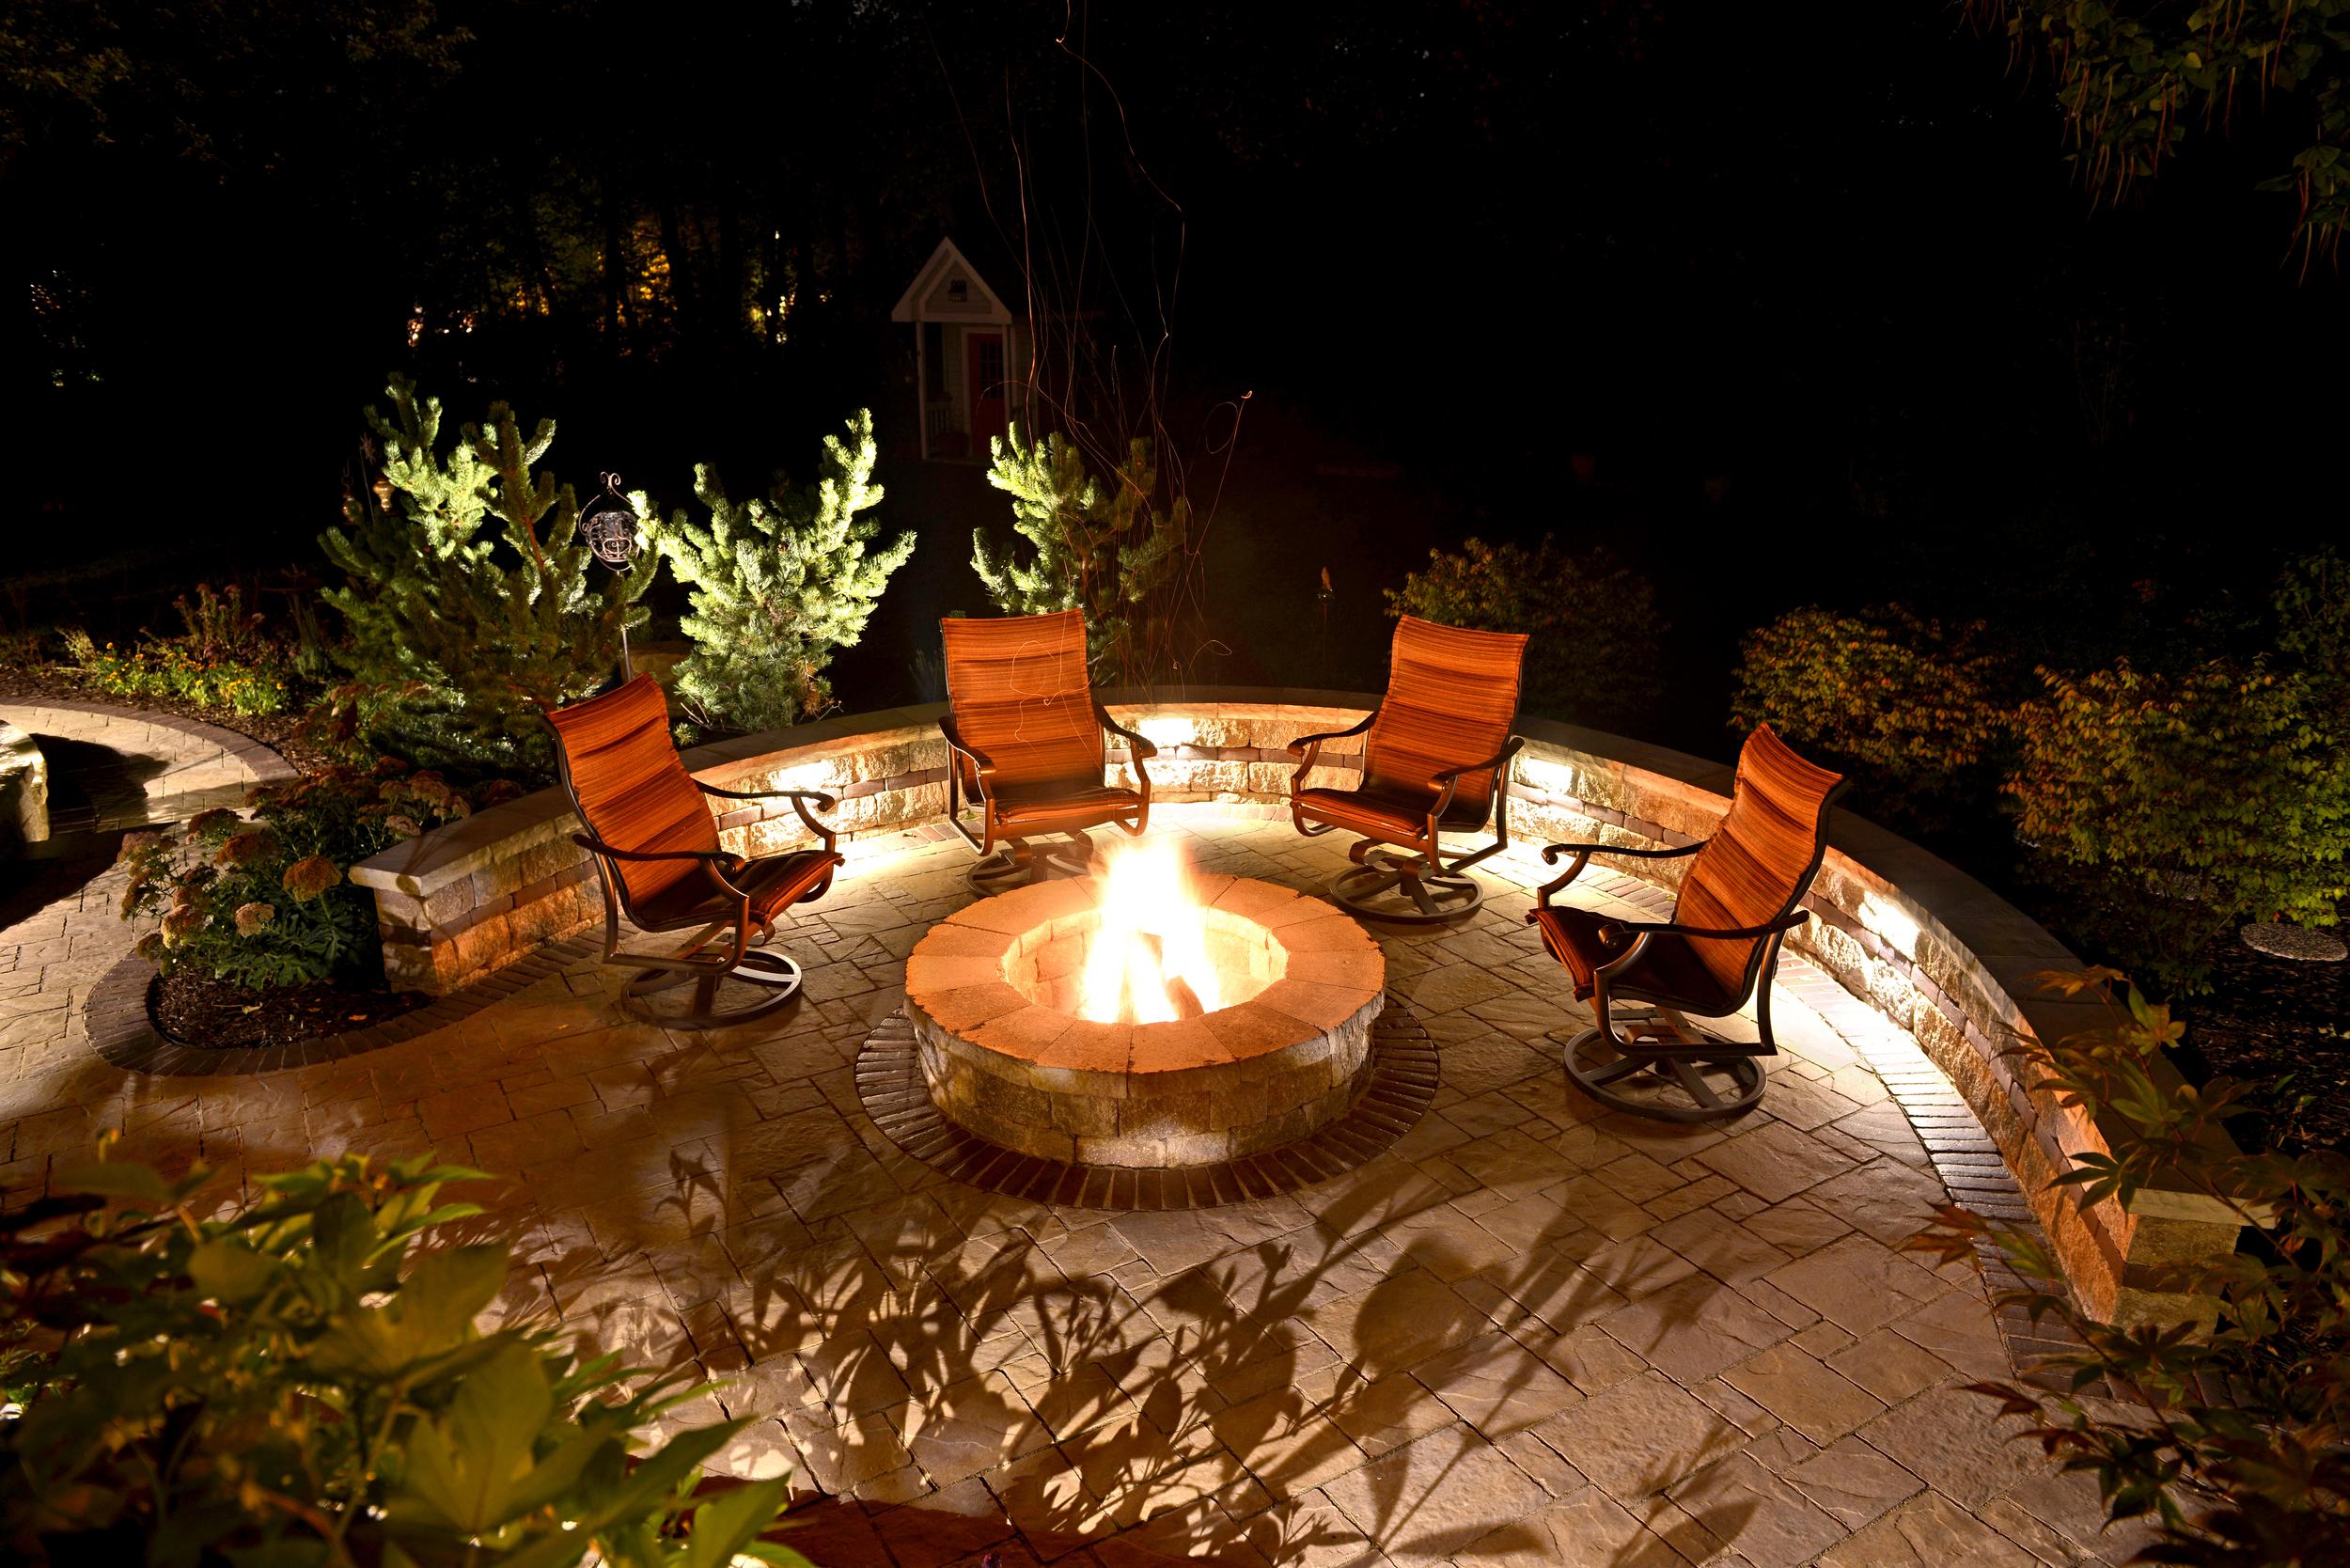 Fire Pit Ideas   Lagrangeville, NY   Pleasant Valley, NY